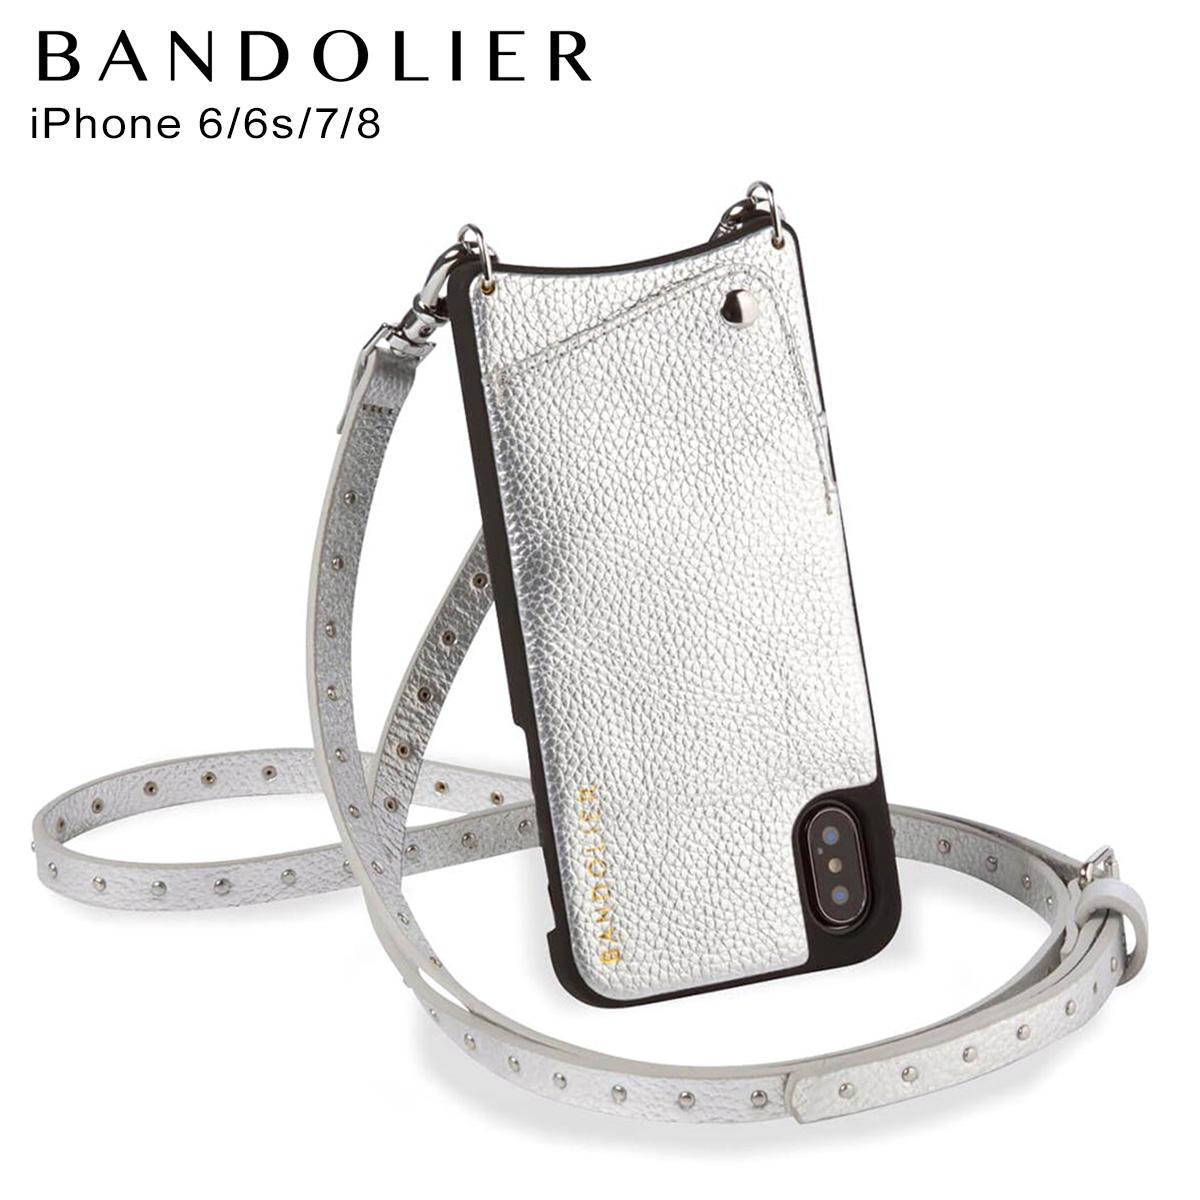 バンドリヤー BANDOLIER iPhone SE 8 7 6s 6 ケース スマホ 携帯 アイフォン レザー NICOLE RICH SILVER メンズ レディース シルバー 10NIC